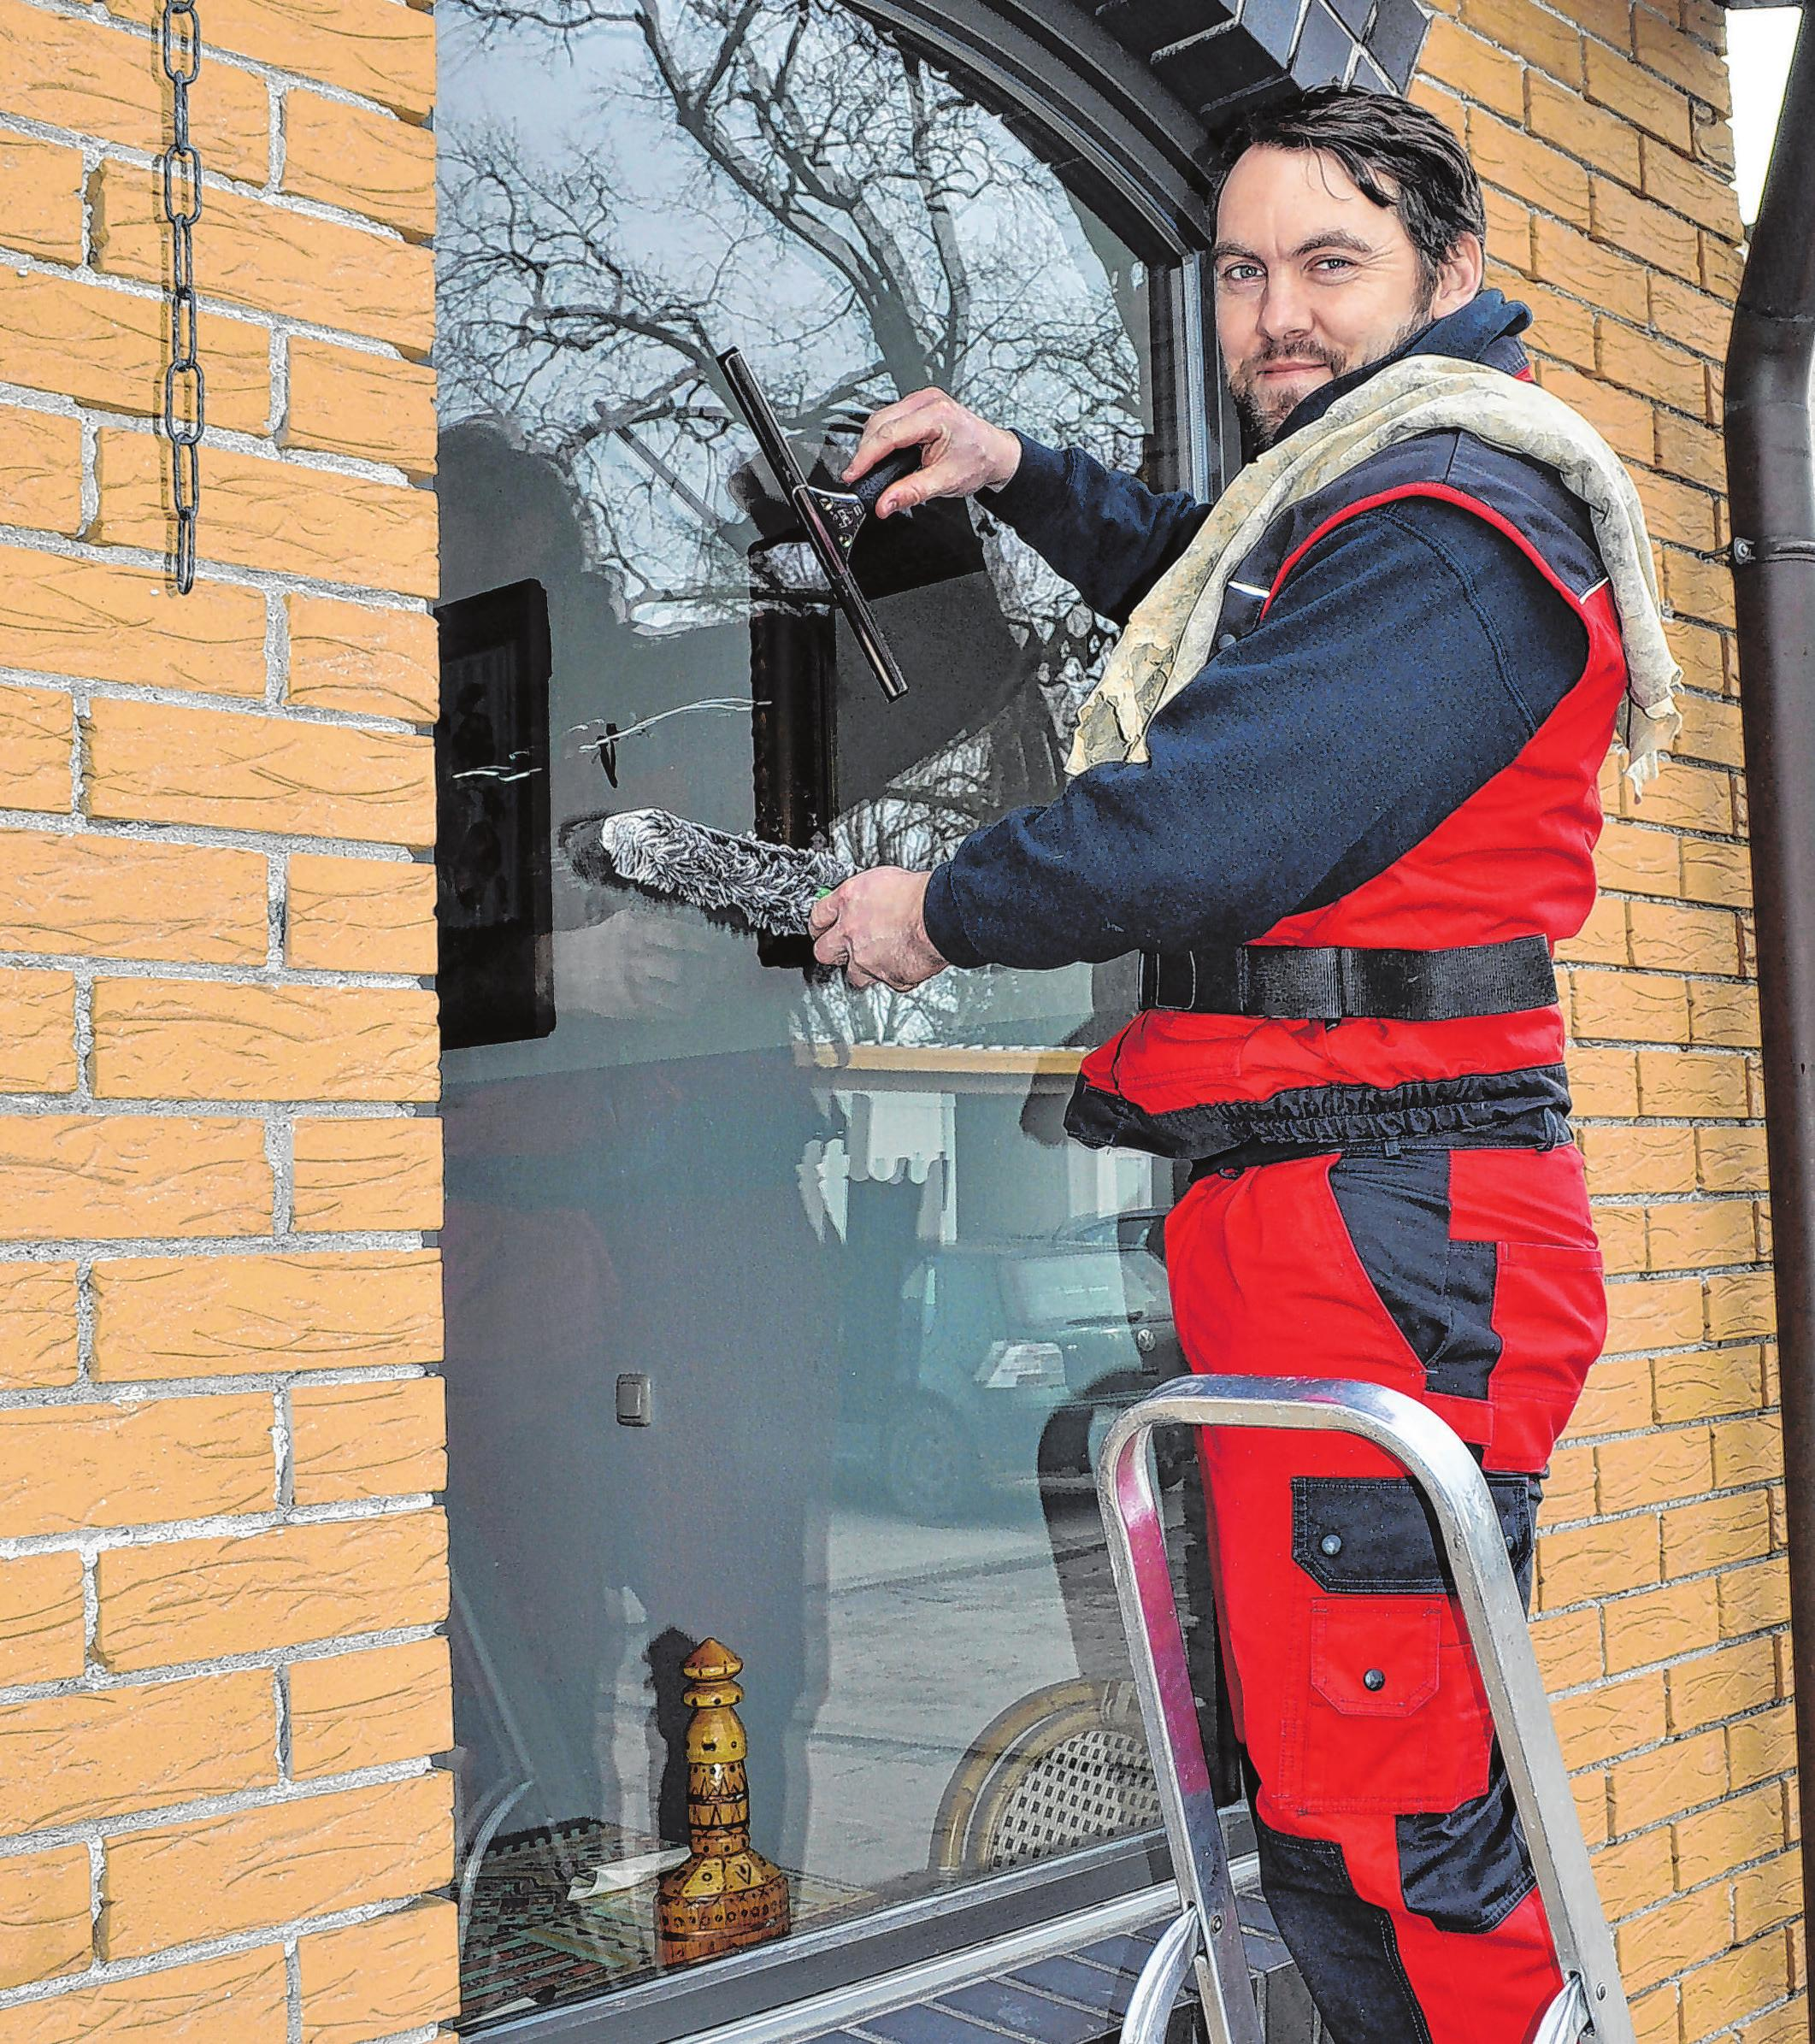 Nicht jeder kann oder will noch zum Putzen auf eine Leiter steigen: Mitarbeiter Matthias Poplien bringt Fenster auf Hochglanz. Foto: Cornelia Mikat